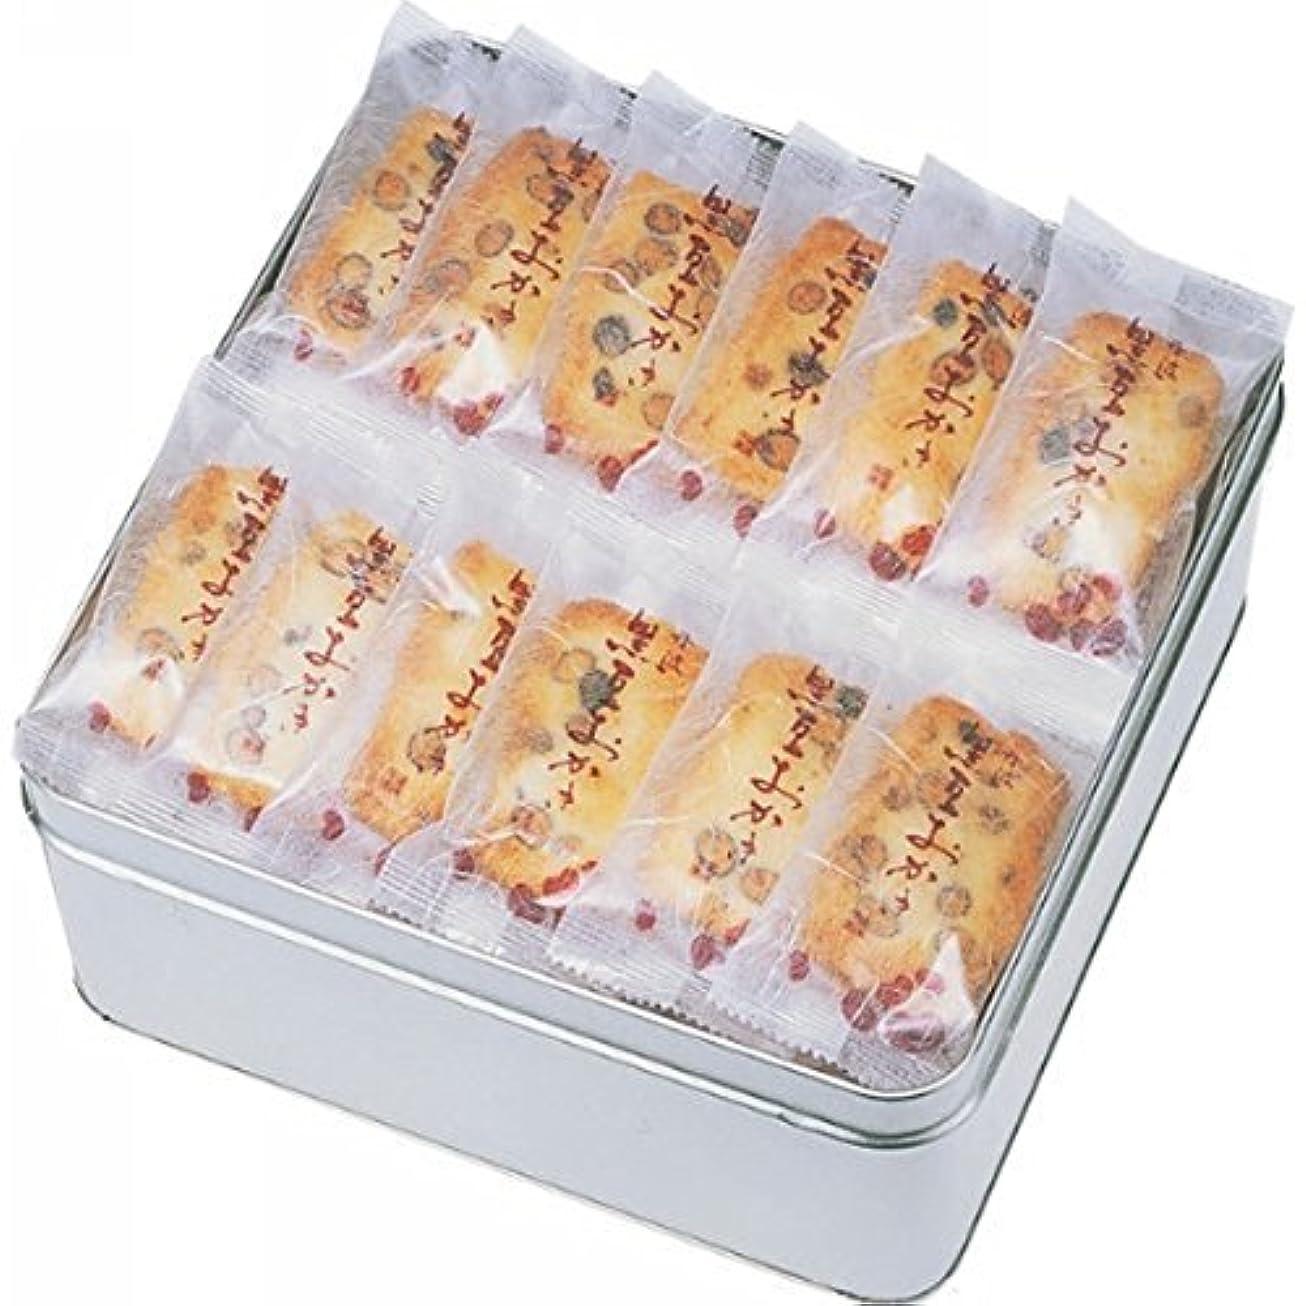 章納得させる条約植垣米菓株式会社 56枚丹波黒豆おかき 56枚入り